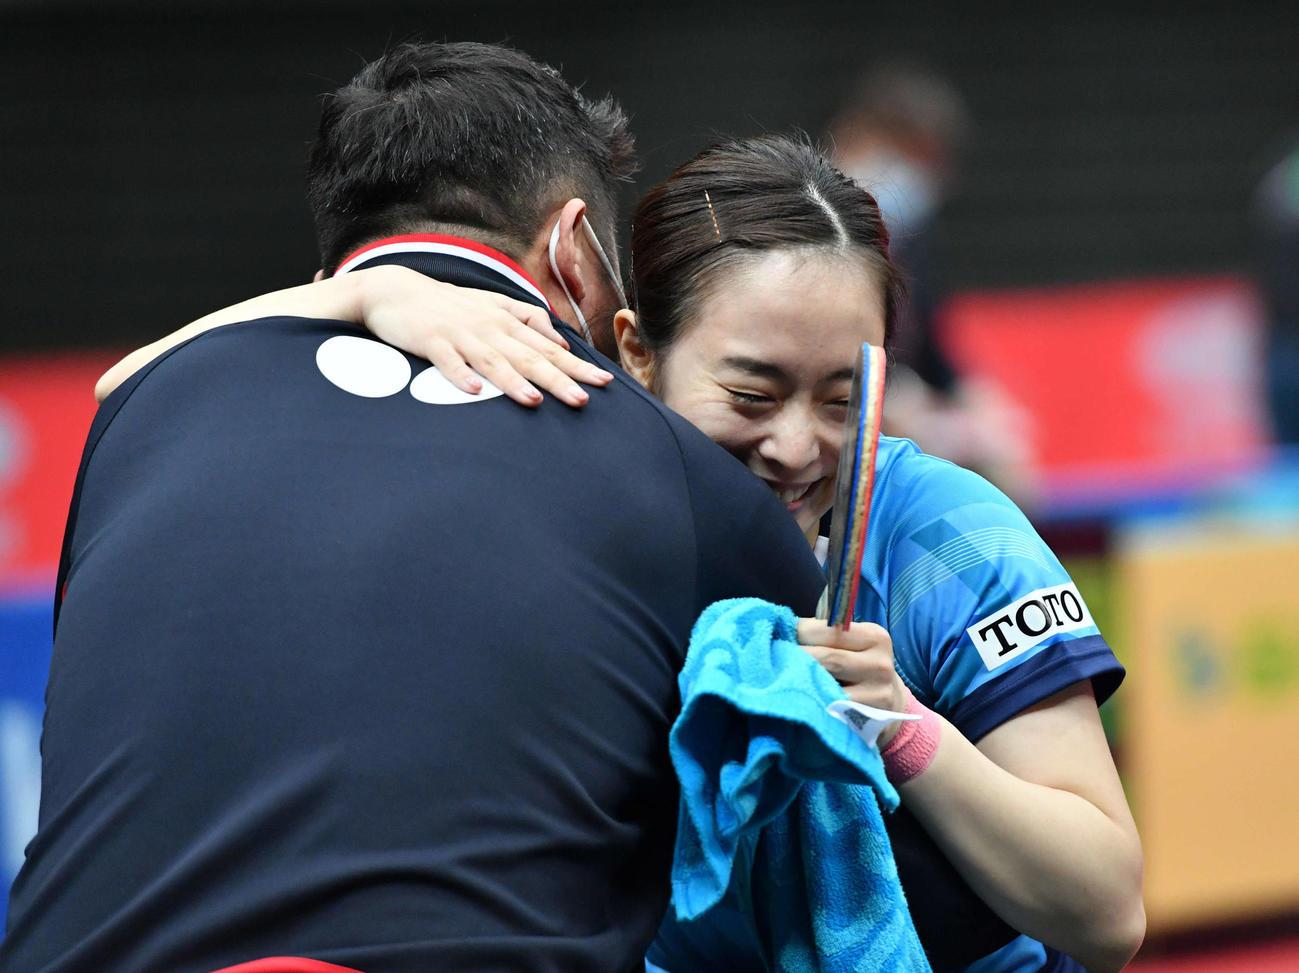 全日本卓球選手権 女子シングルス優勝を決め、ベンチのアドバイザーと笑顔で抱き合う石川佳純(撮影・岩下翔太)